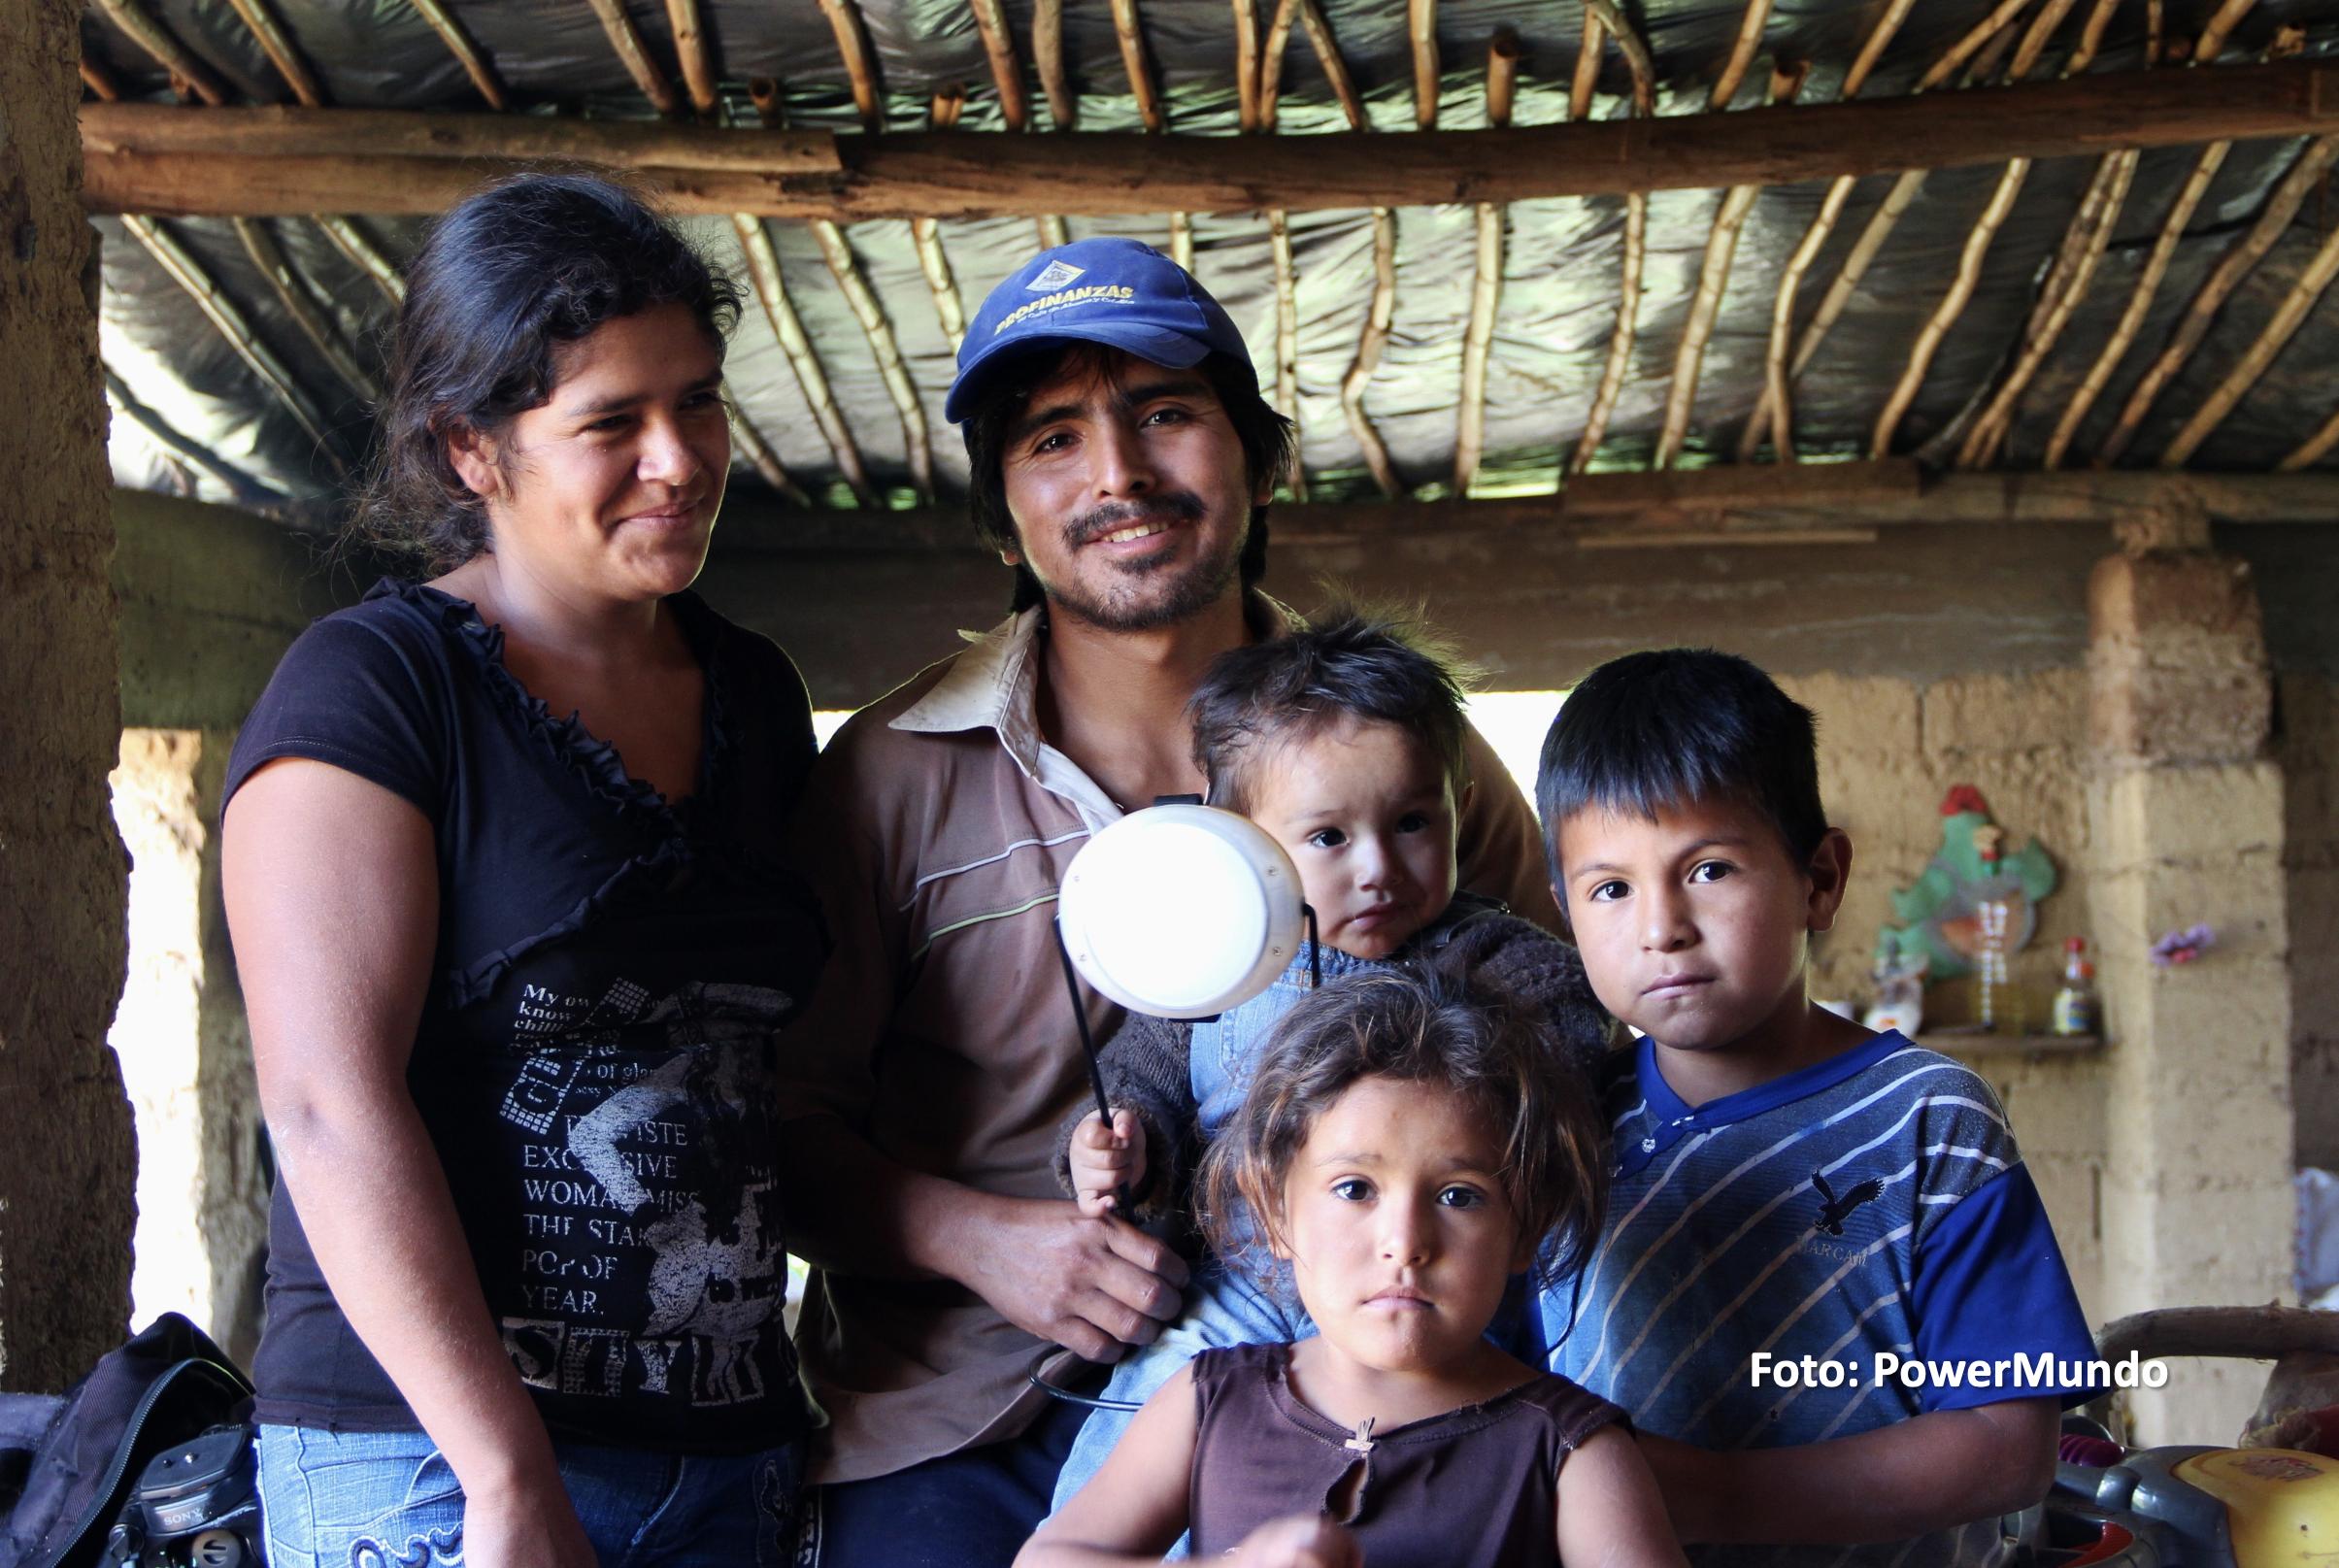 PowerMundo: Más comunidades iluminadas con energía limpia y renovable